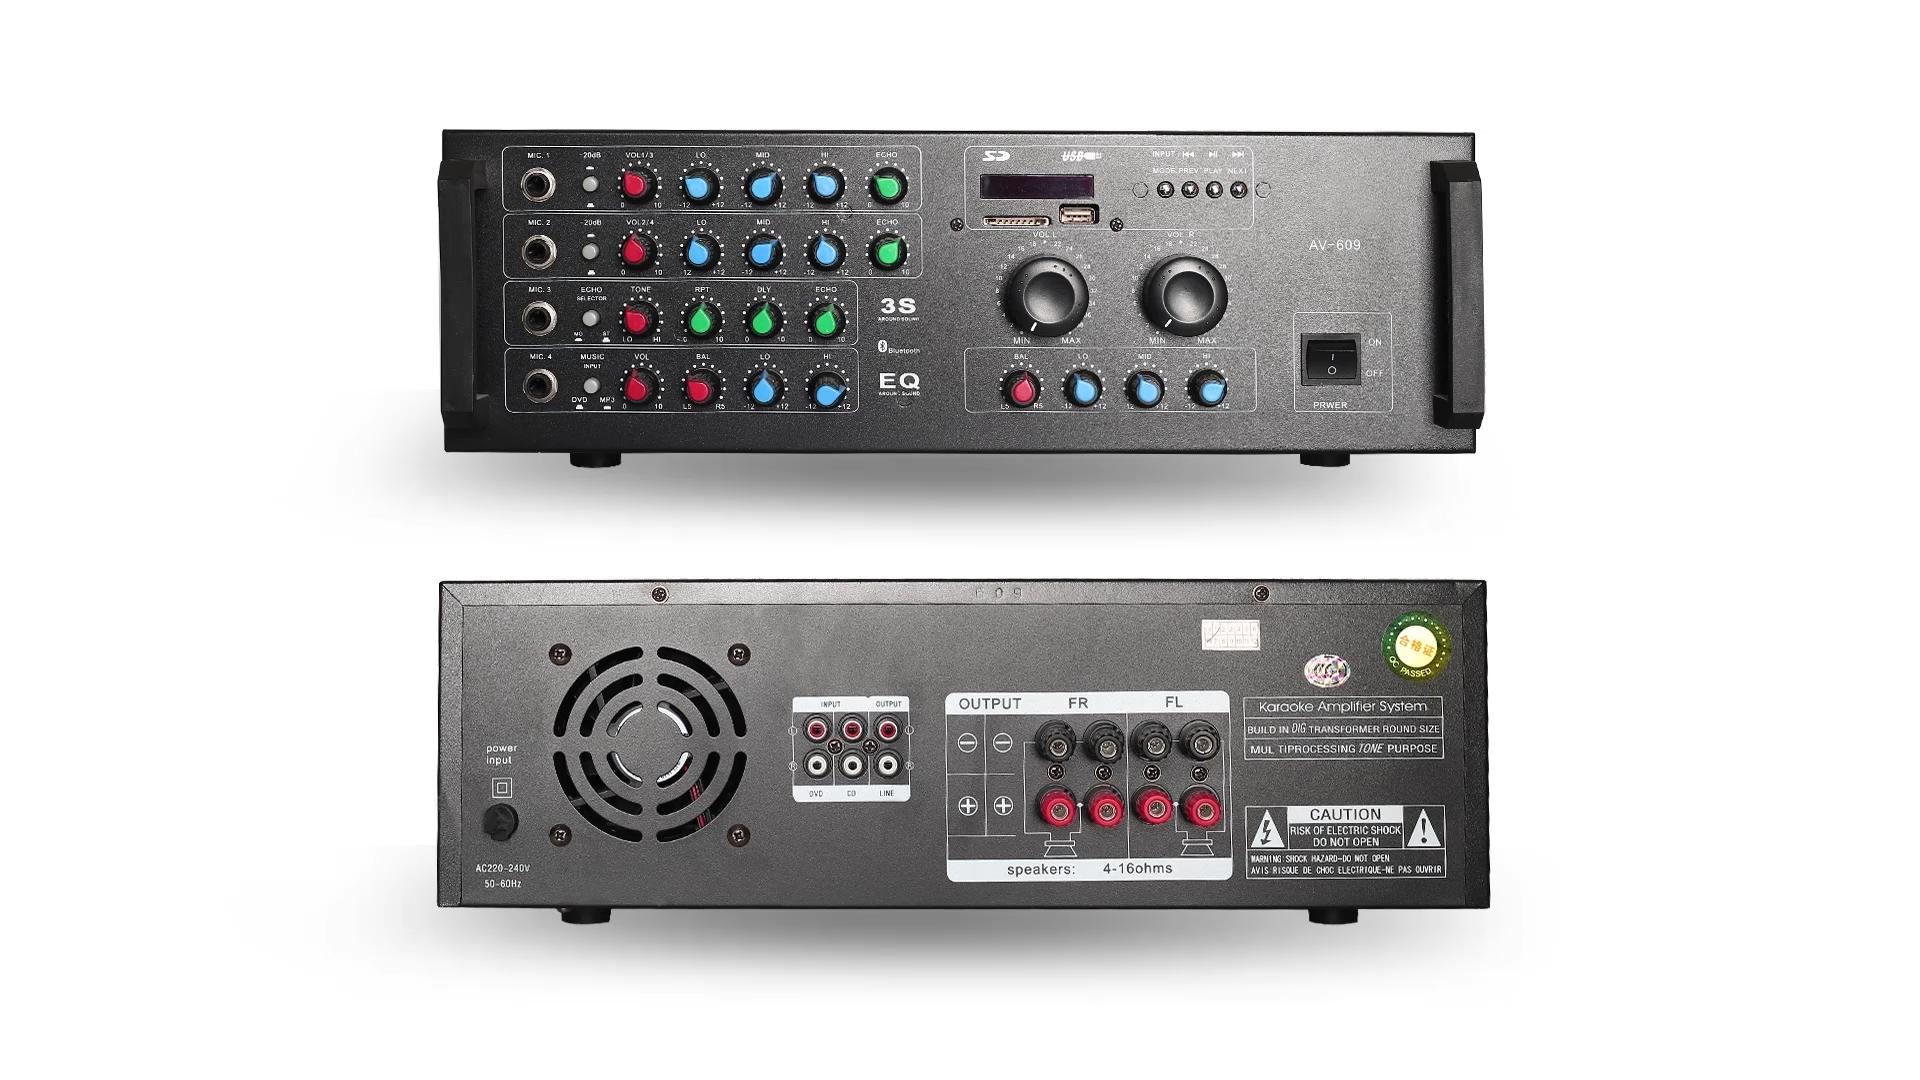 Amplifier Digital Stereo Karaoke Amplifier